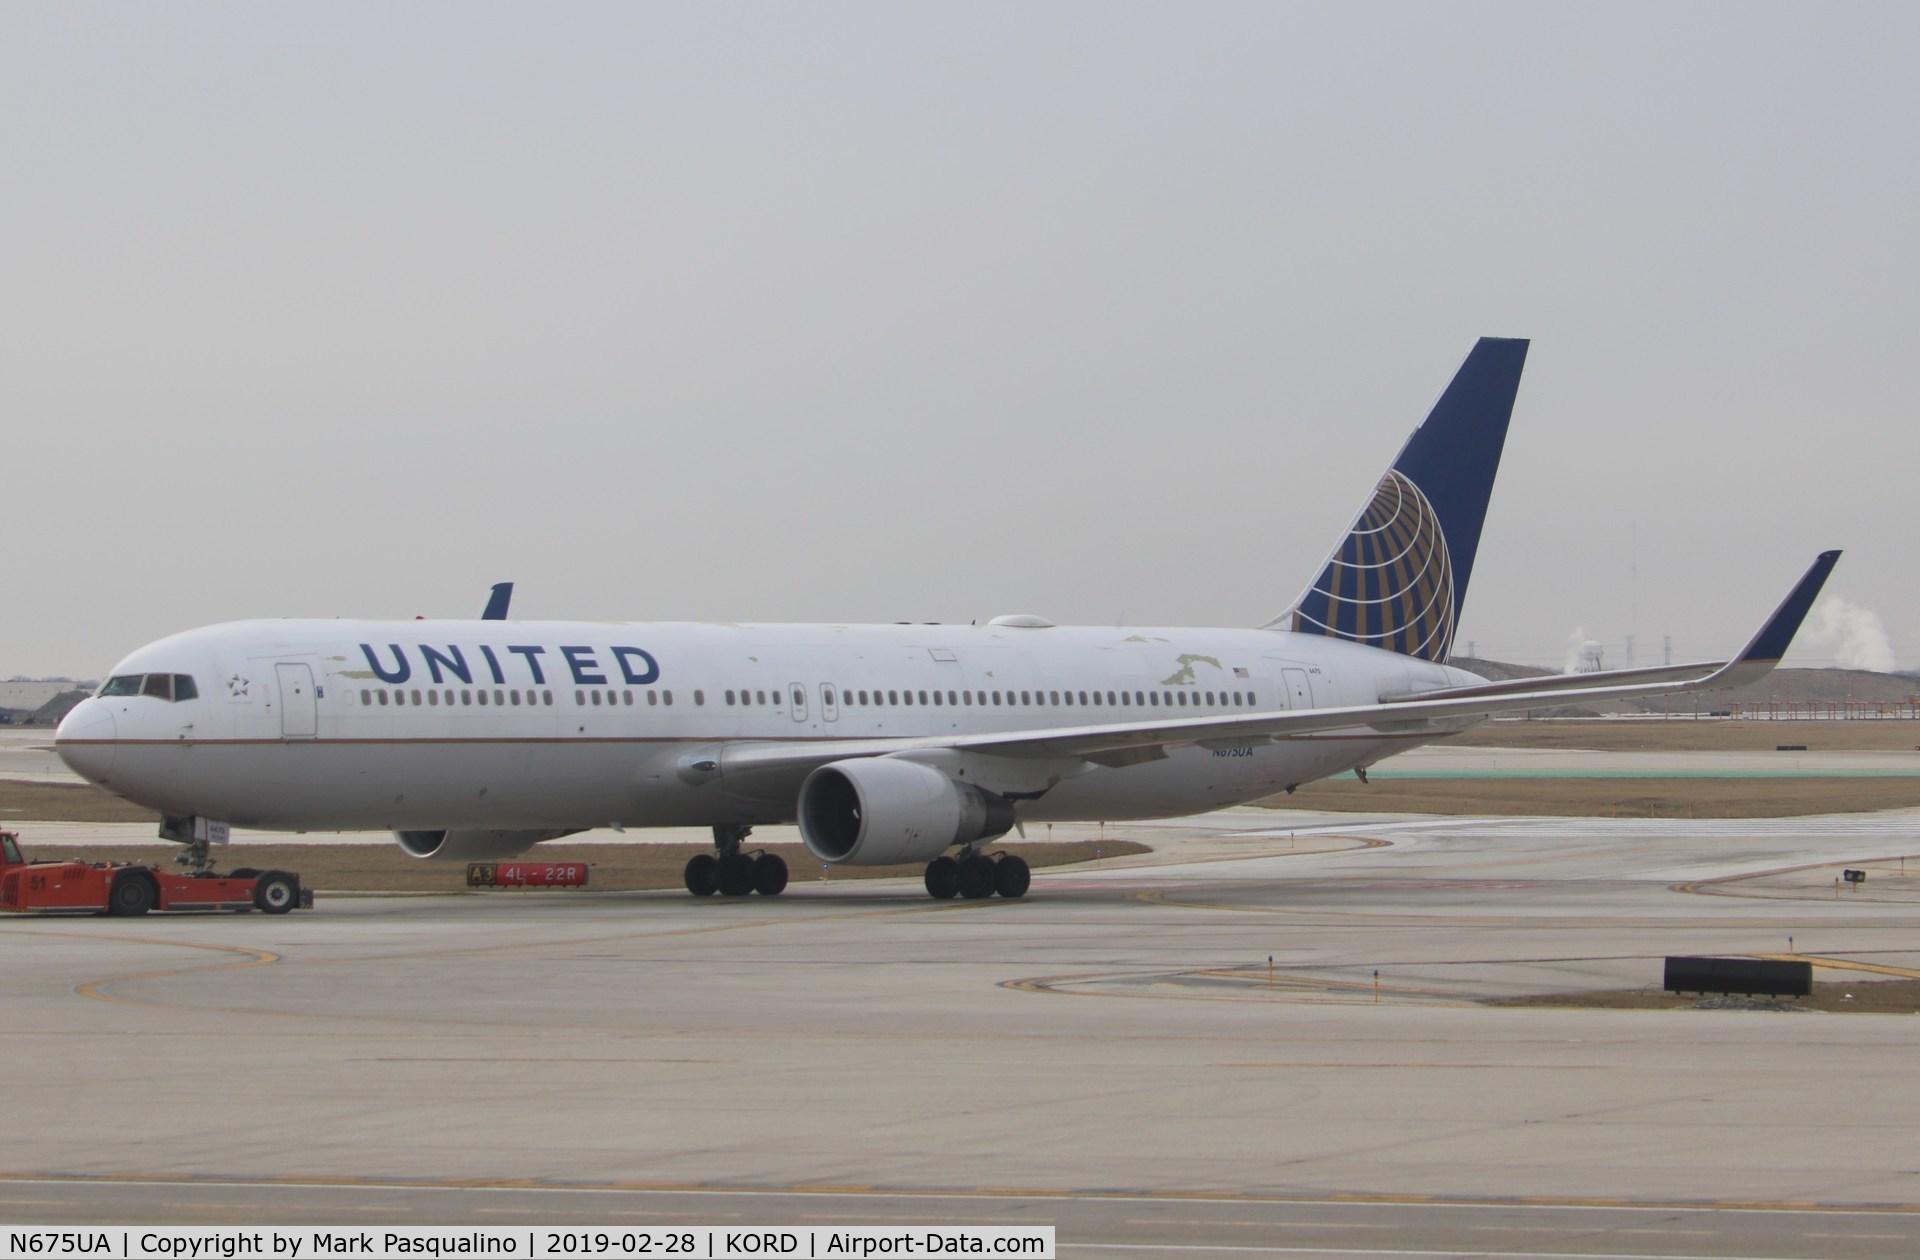 N675UA, 2000 Boeing 767-322 C/N 29243, Boeing 767-322